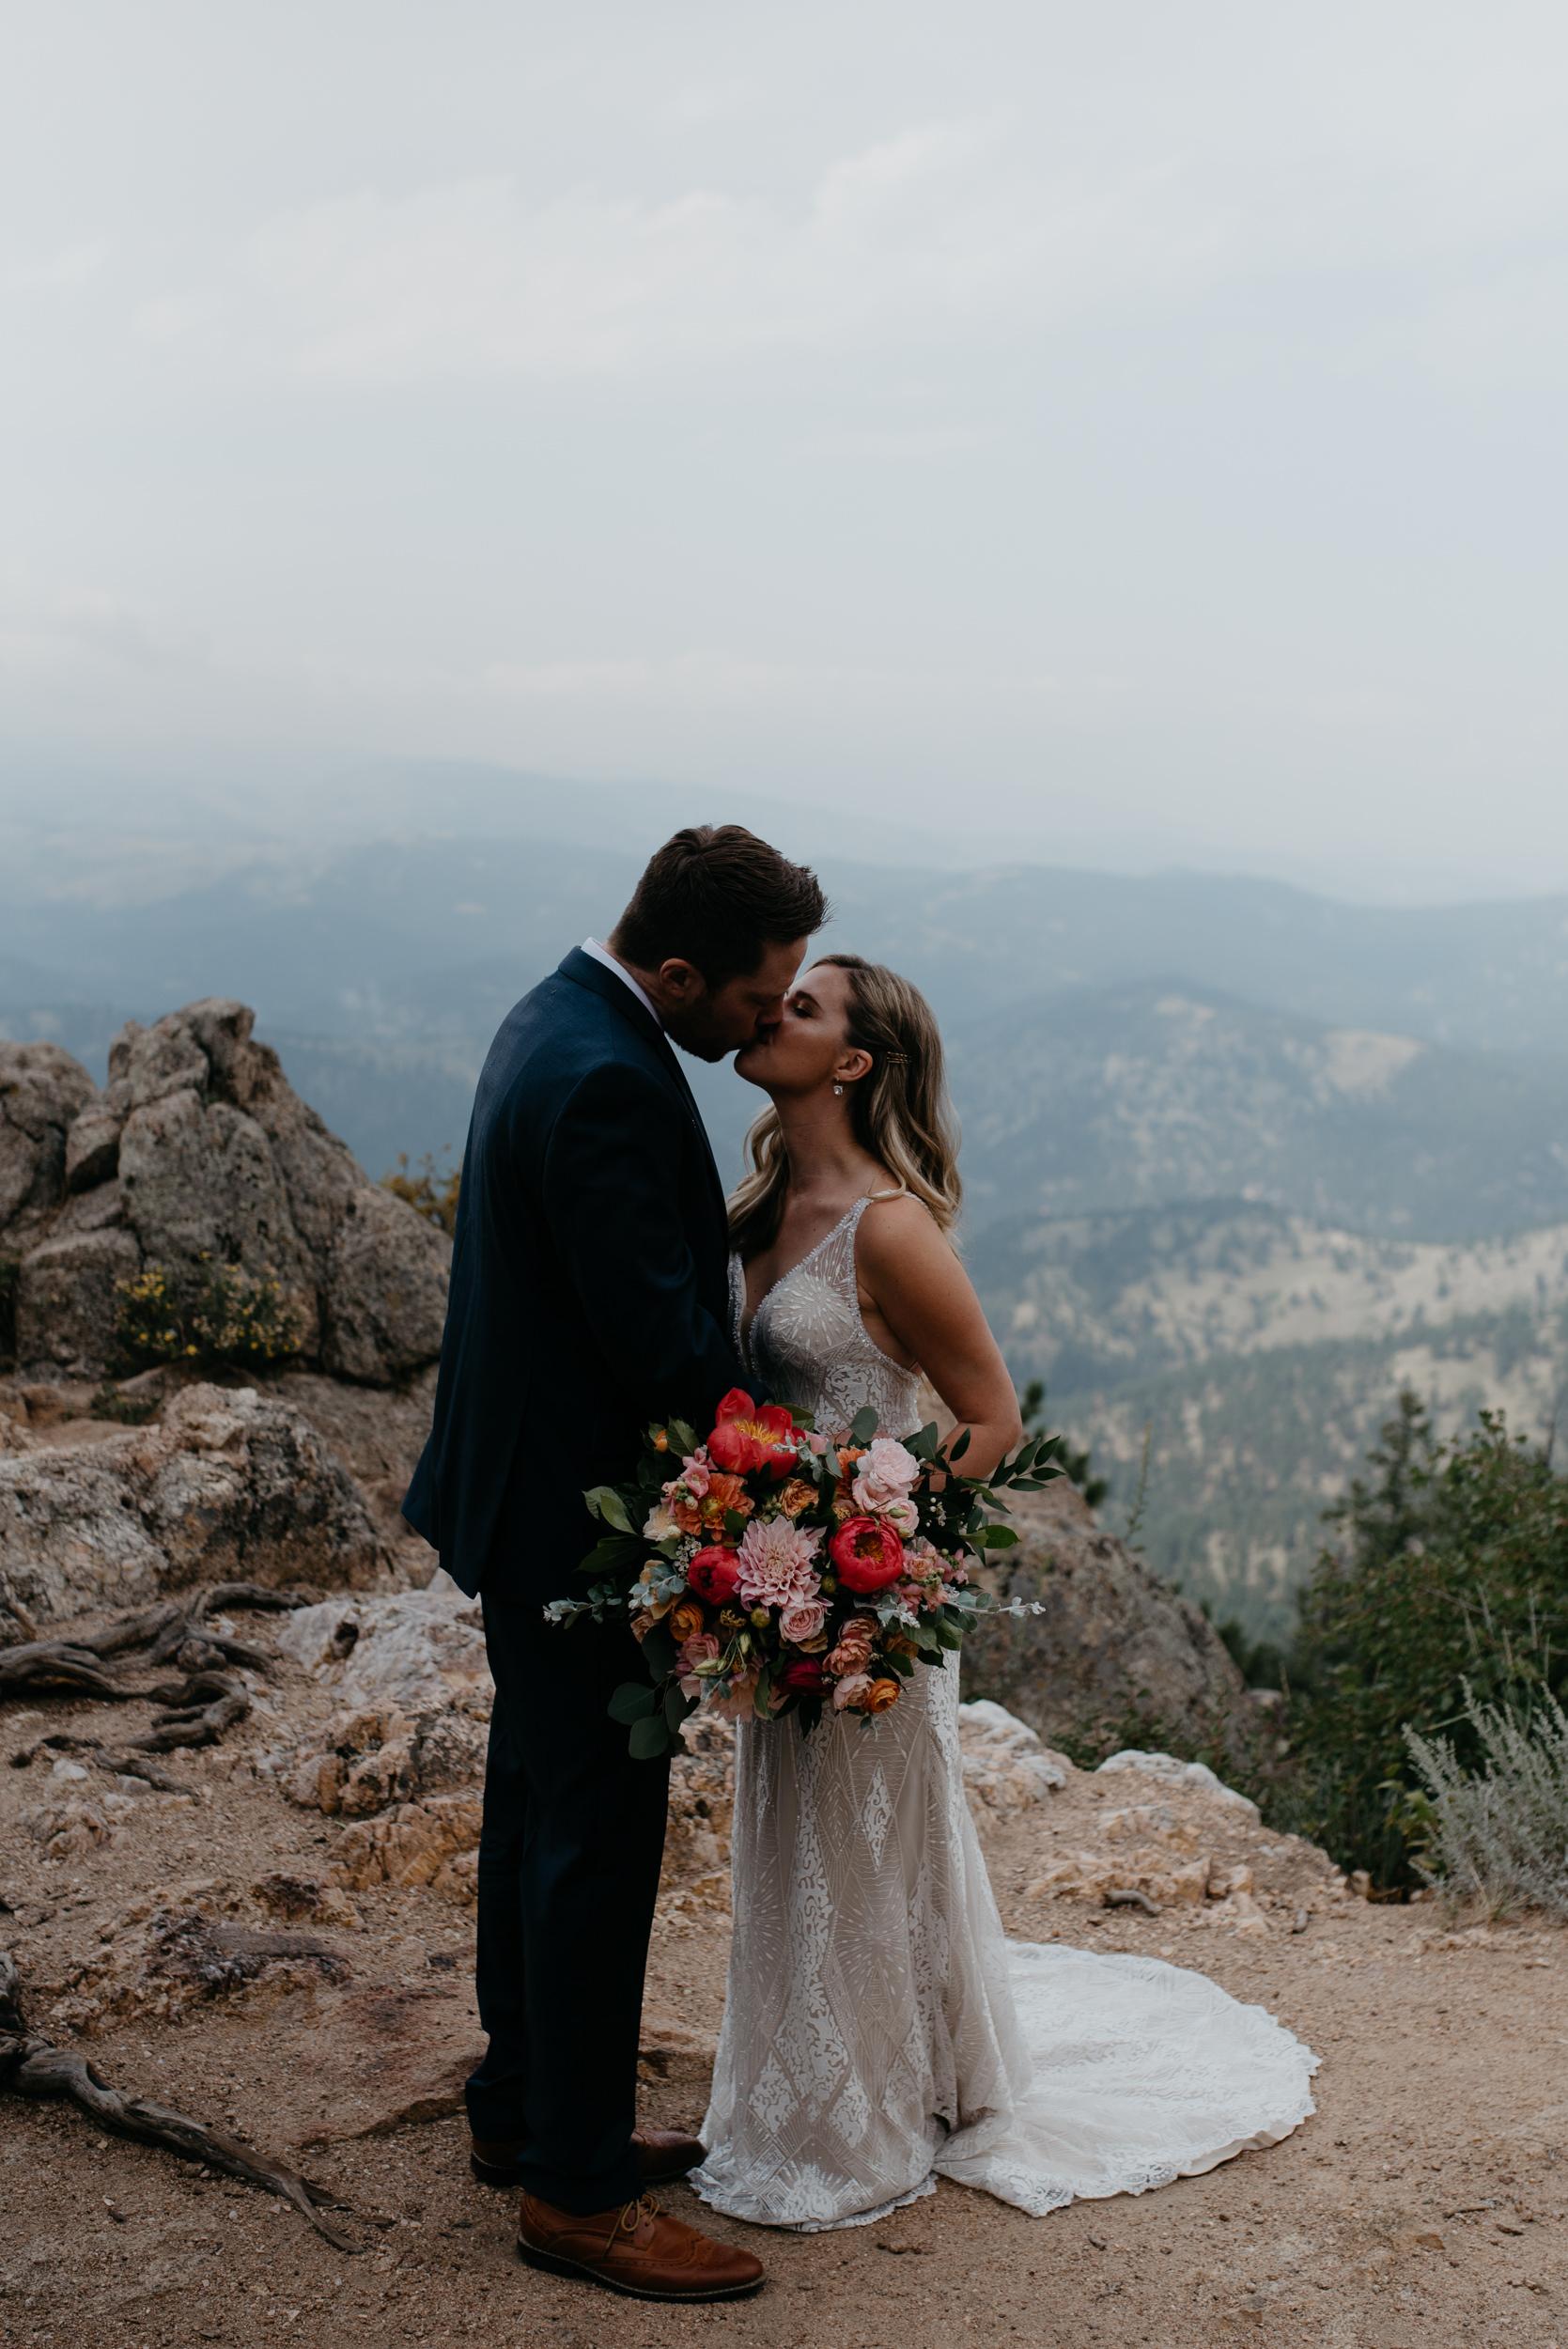 Lost Gulch mountain elopement photos in Boulder, Colorado. Colorado wedding and elopement photographer.